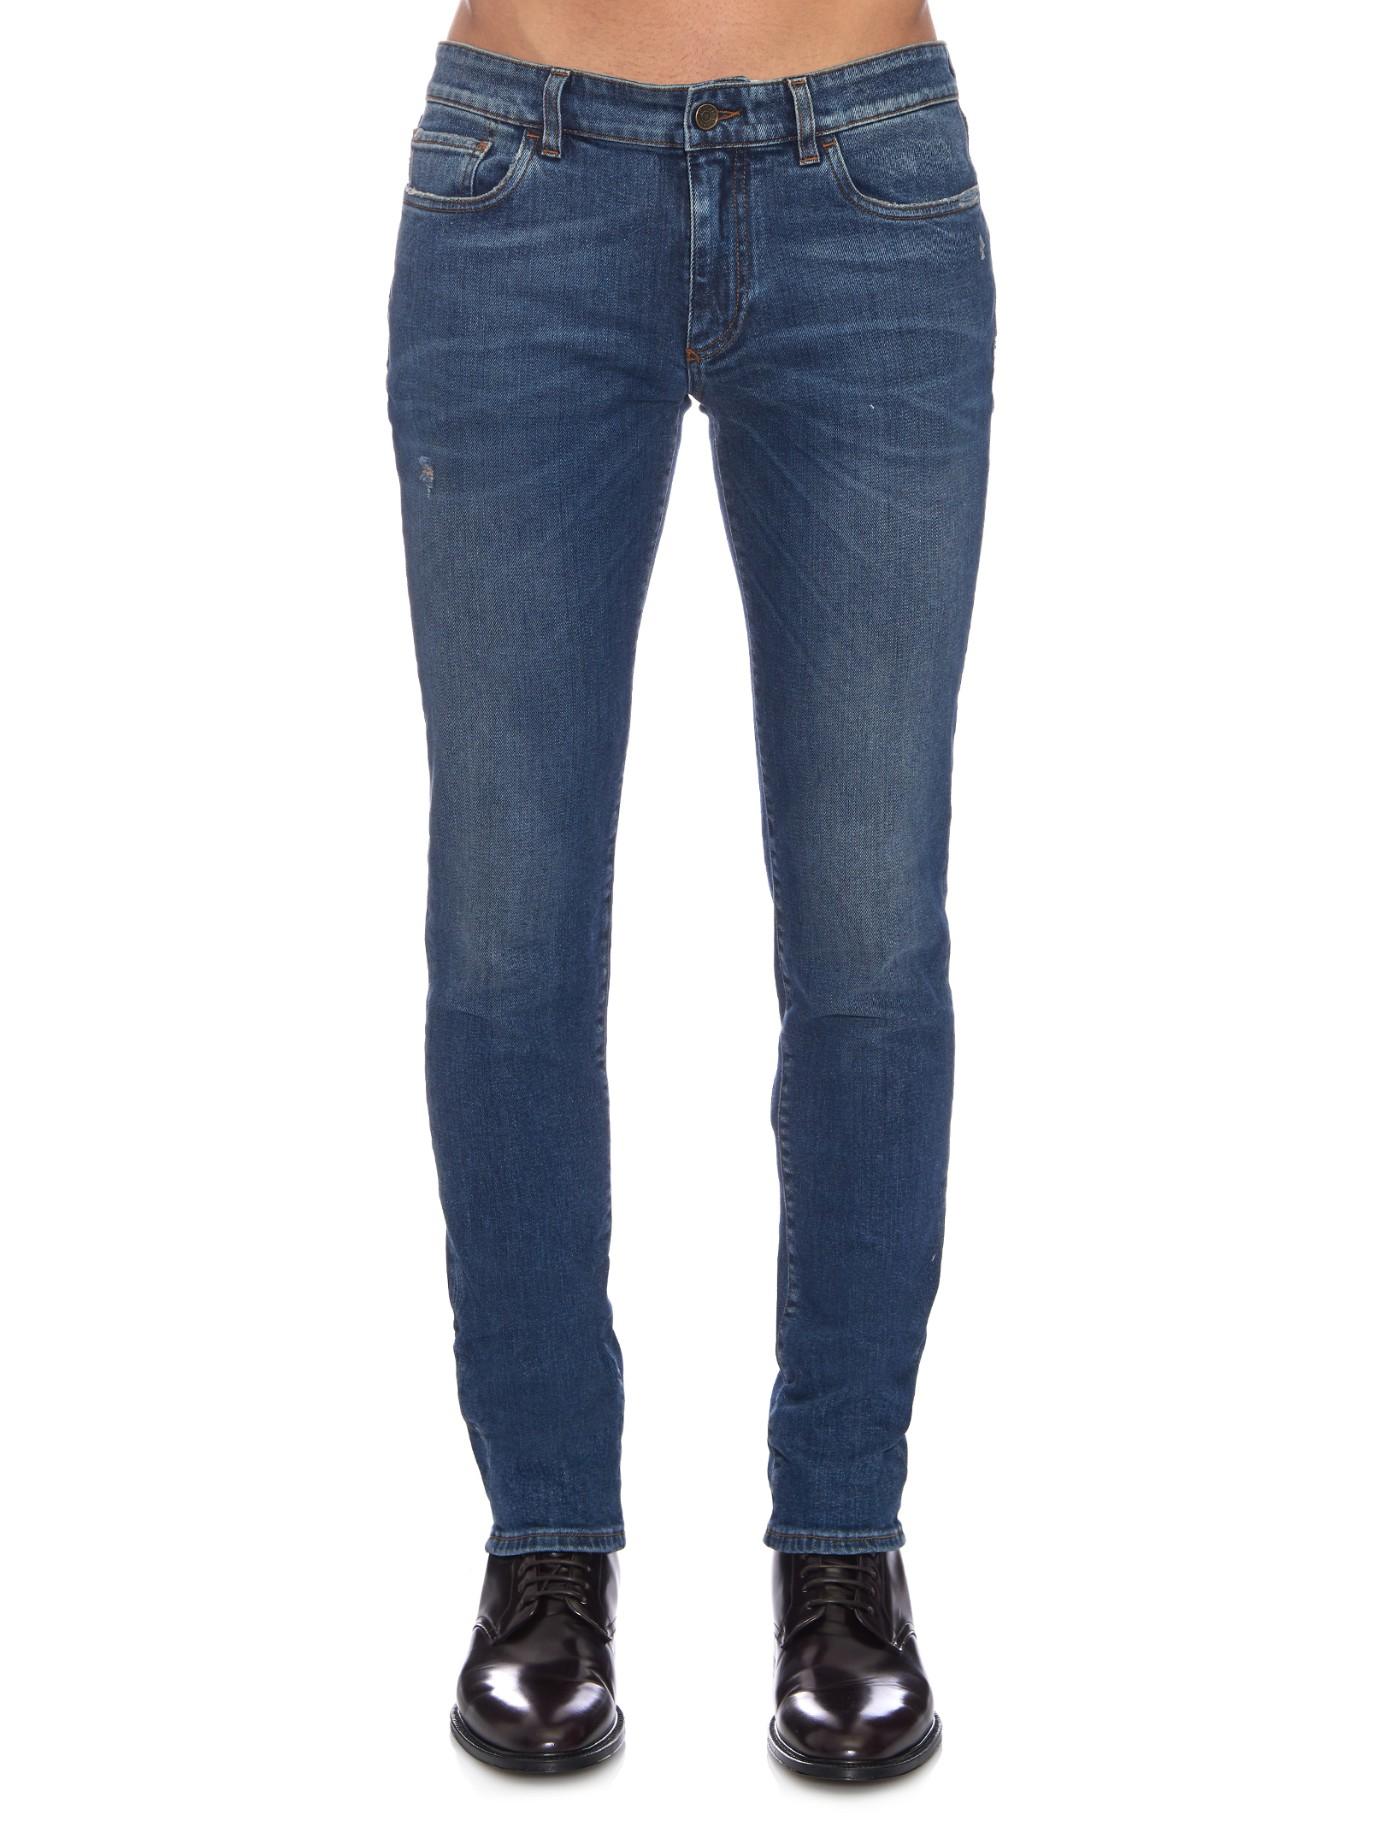 dolce gabbana gold fit skinny jeans in blue for men lyst. Black Bedroom Furniture Sets. Home Design Ideas